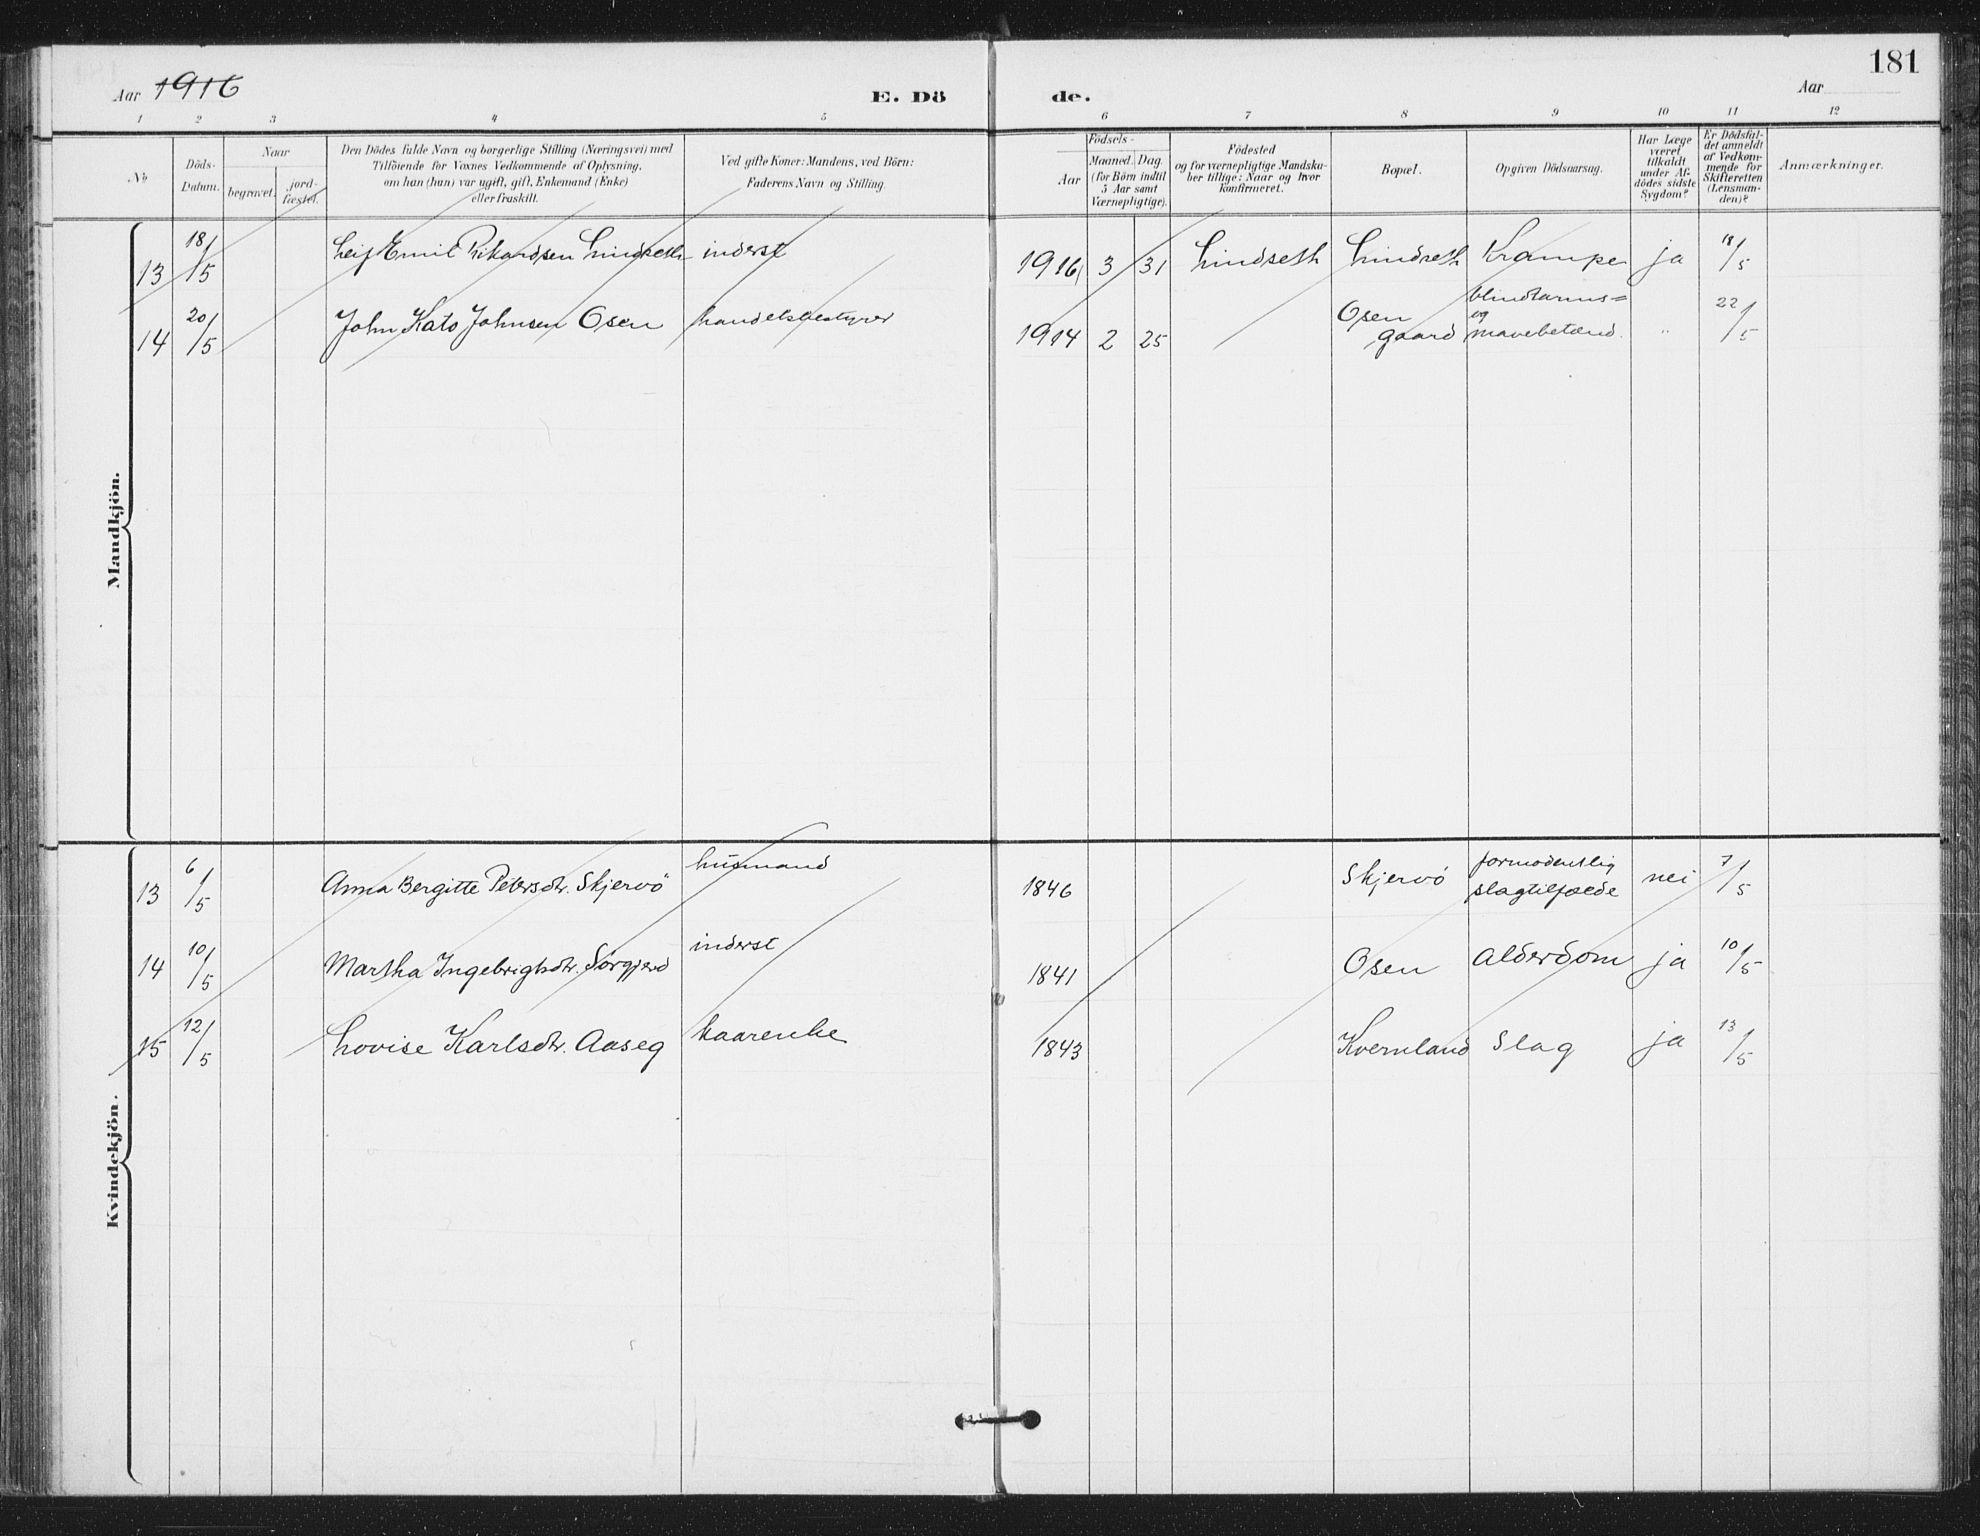 SAT, Ministerialprotokoller, klokkerbøker og fødselsregistre - Sør-Trøndelag, 658/L0723: Ministerialbok nr. 658A02, 1897-1912, s. 181